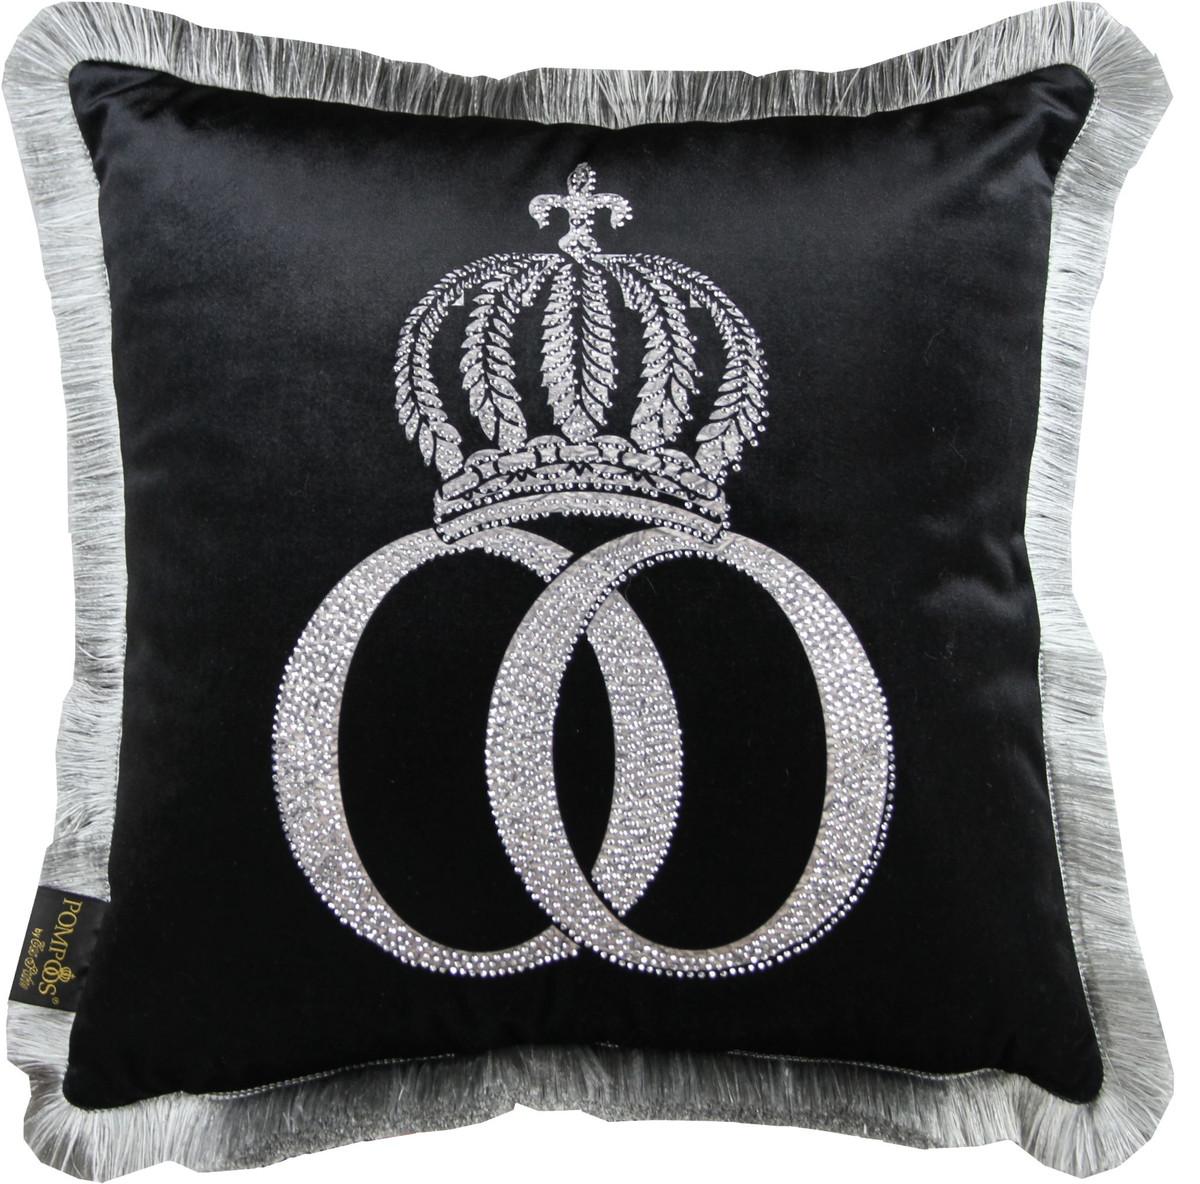 harald gl ckler luxus deko kissen pomp s by casa padrino schwarz silber krone mit strass. Black Bedroom Furniture Sets. Home Design Ideas